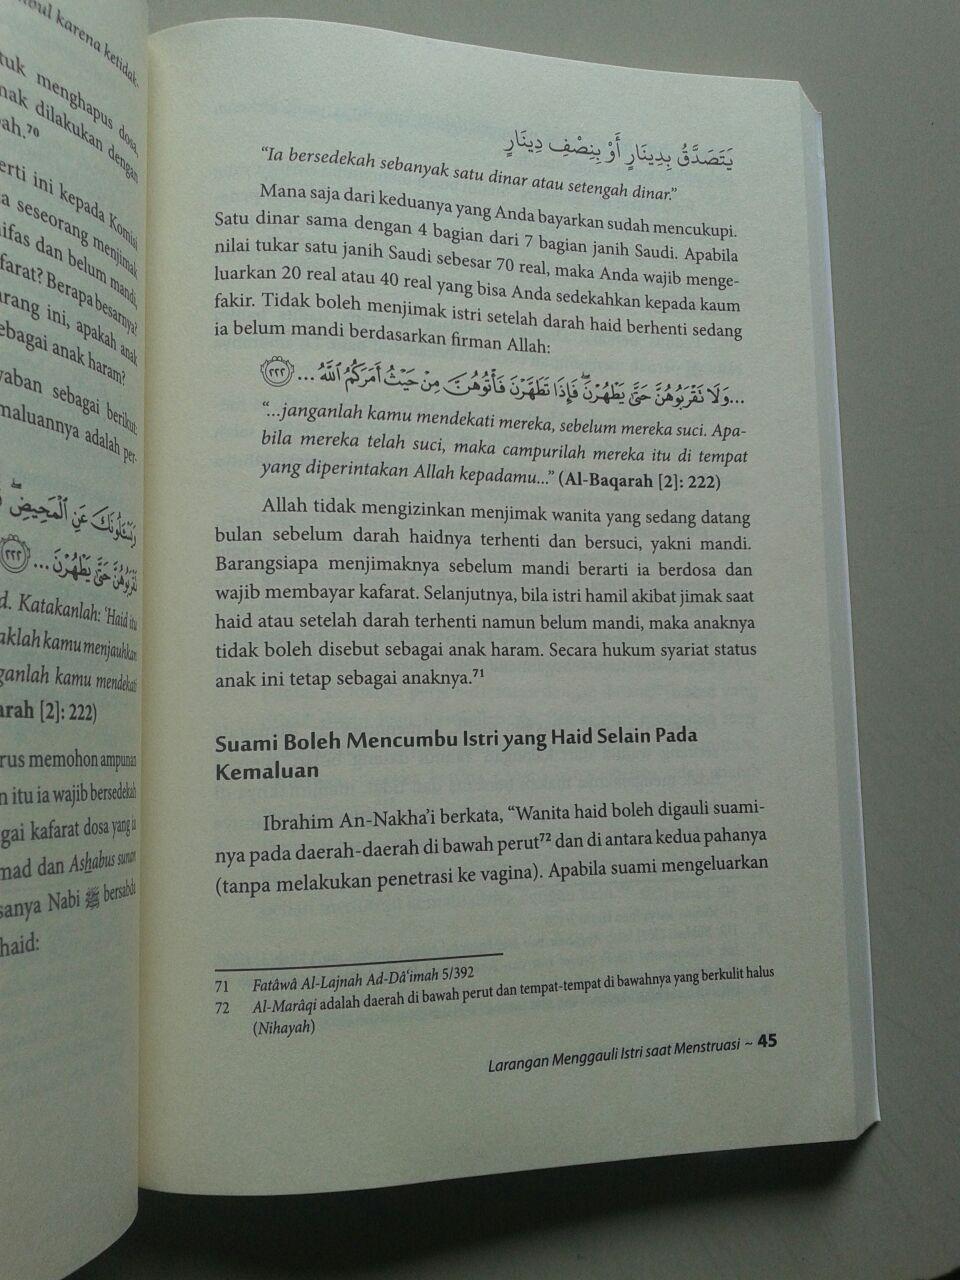 Buku Bahagiakan Aku Dengan Akhlakmu Adab Seputar Kehidupan Suami Istri isi 2